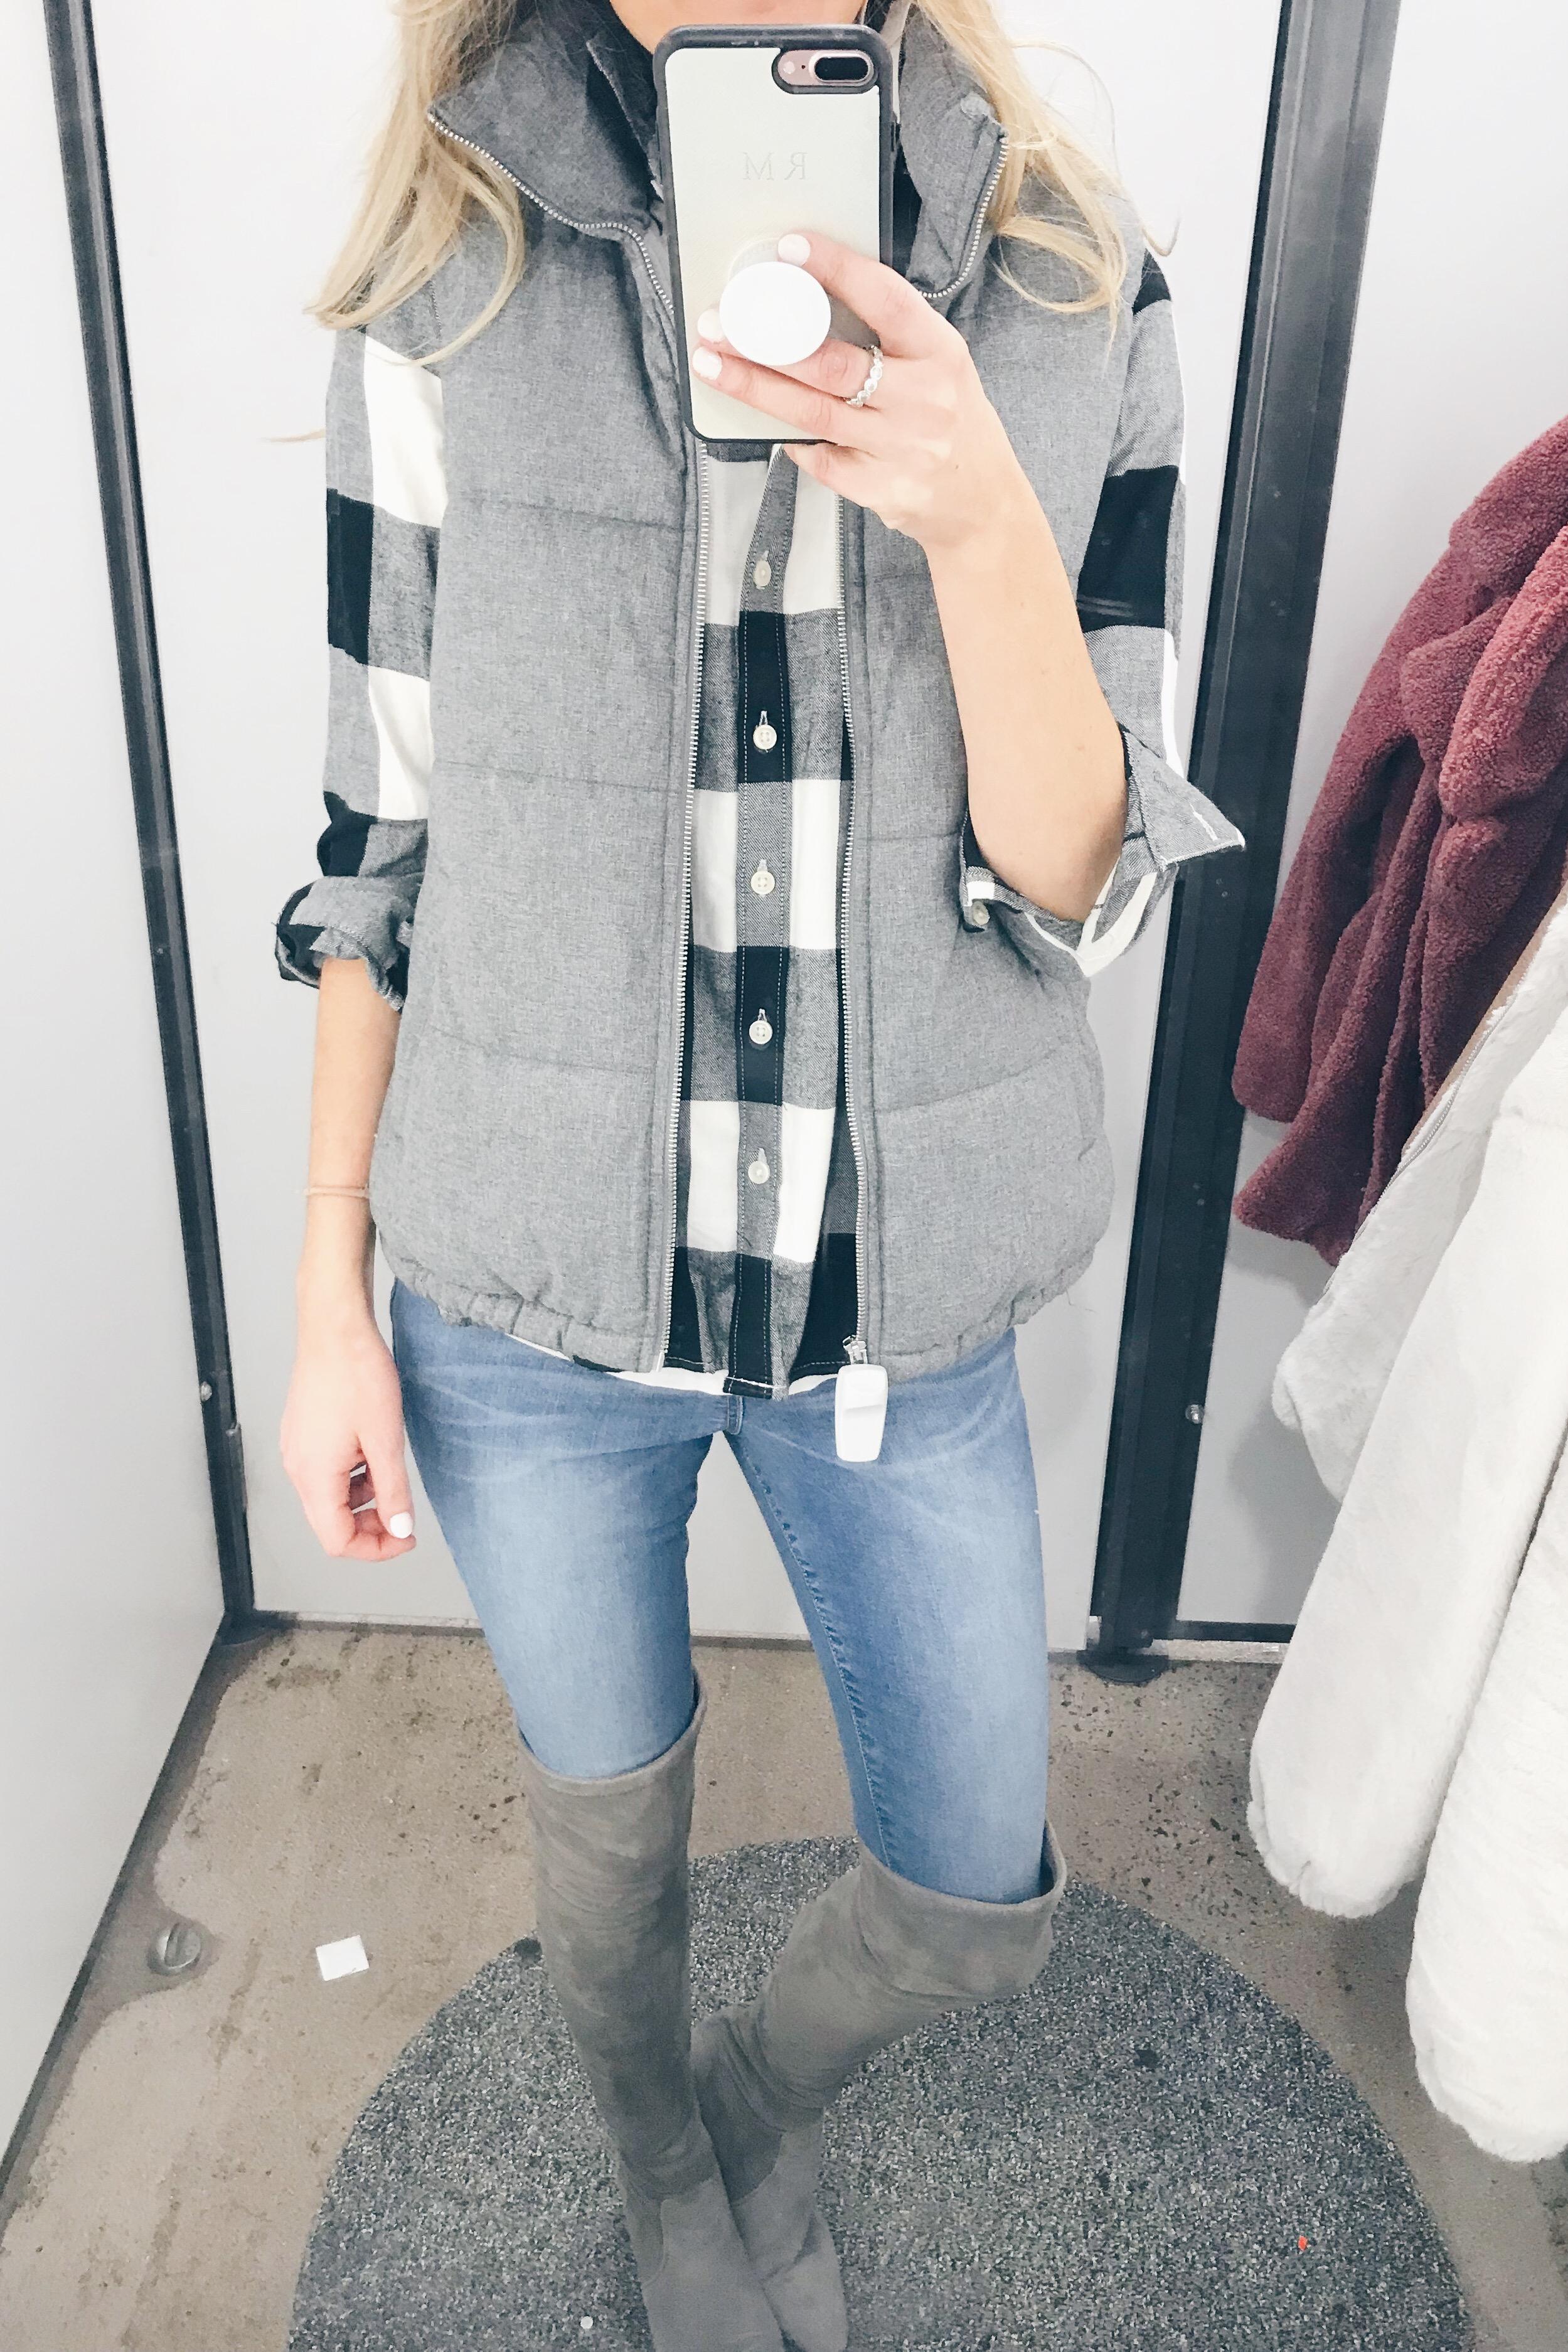 December Old Navy Try On - Vest/Flannel